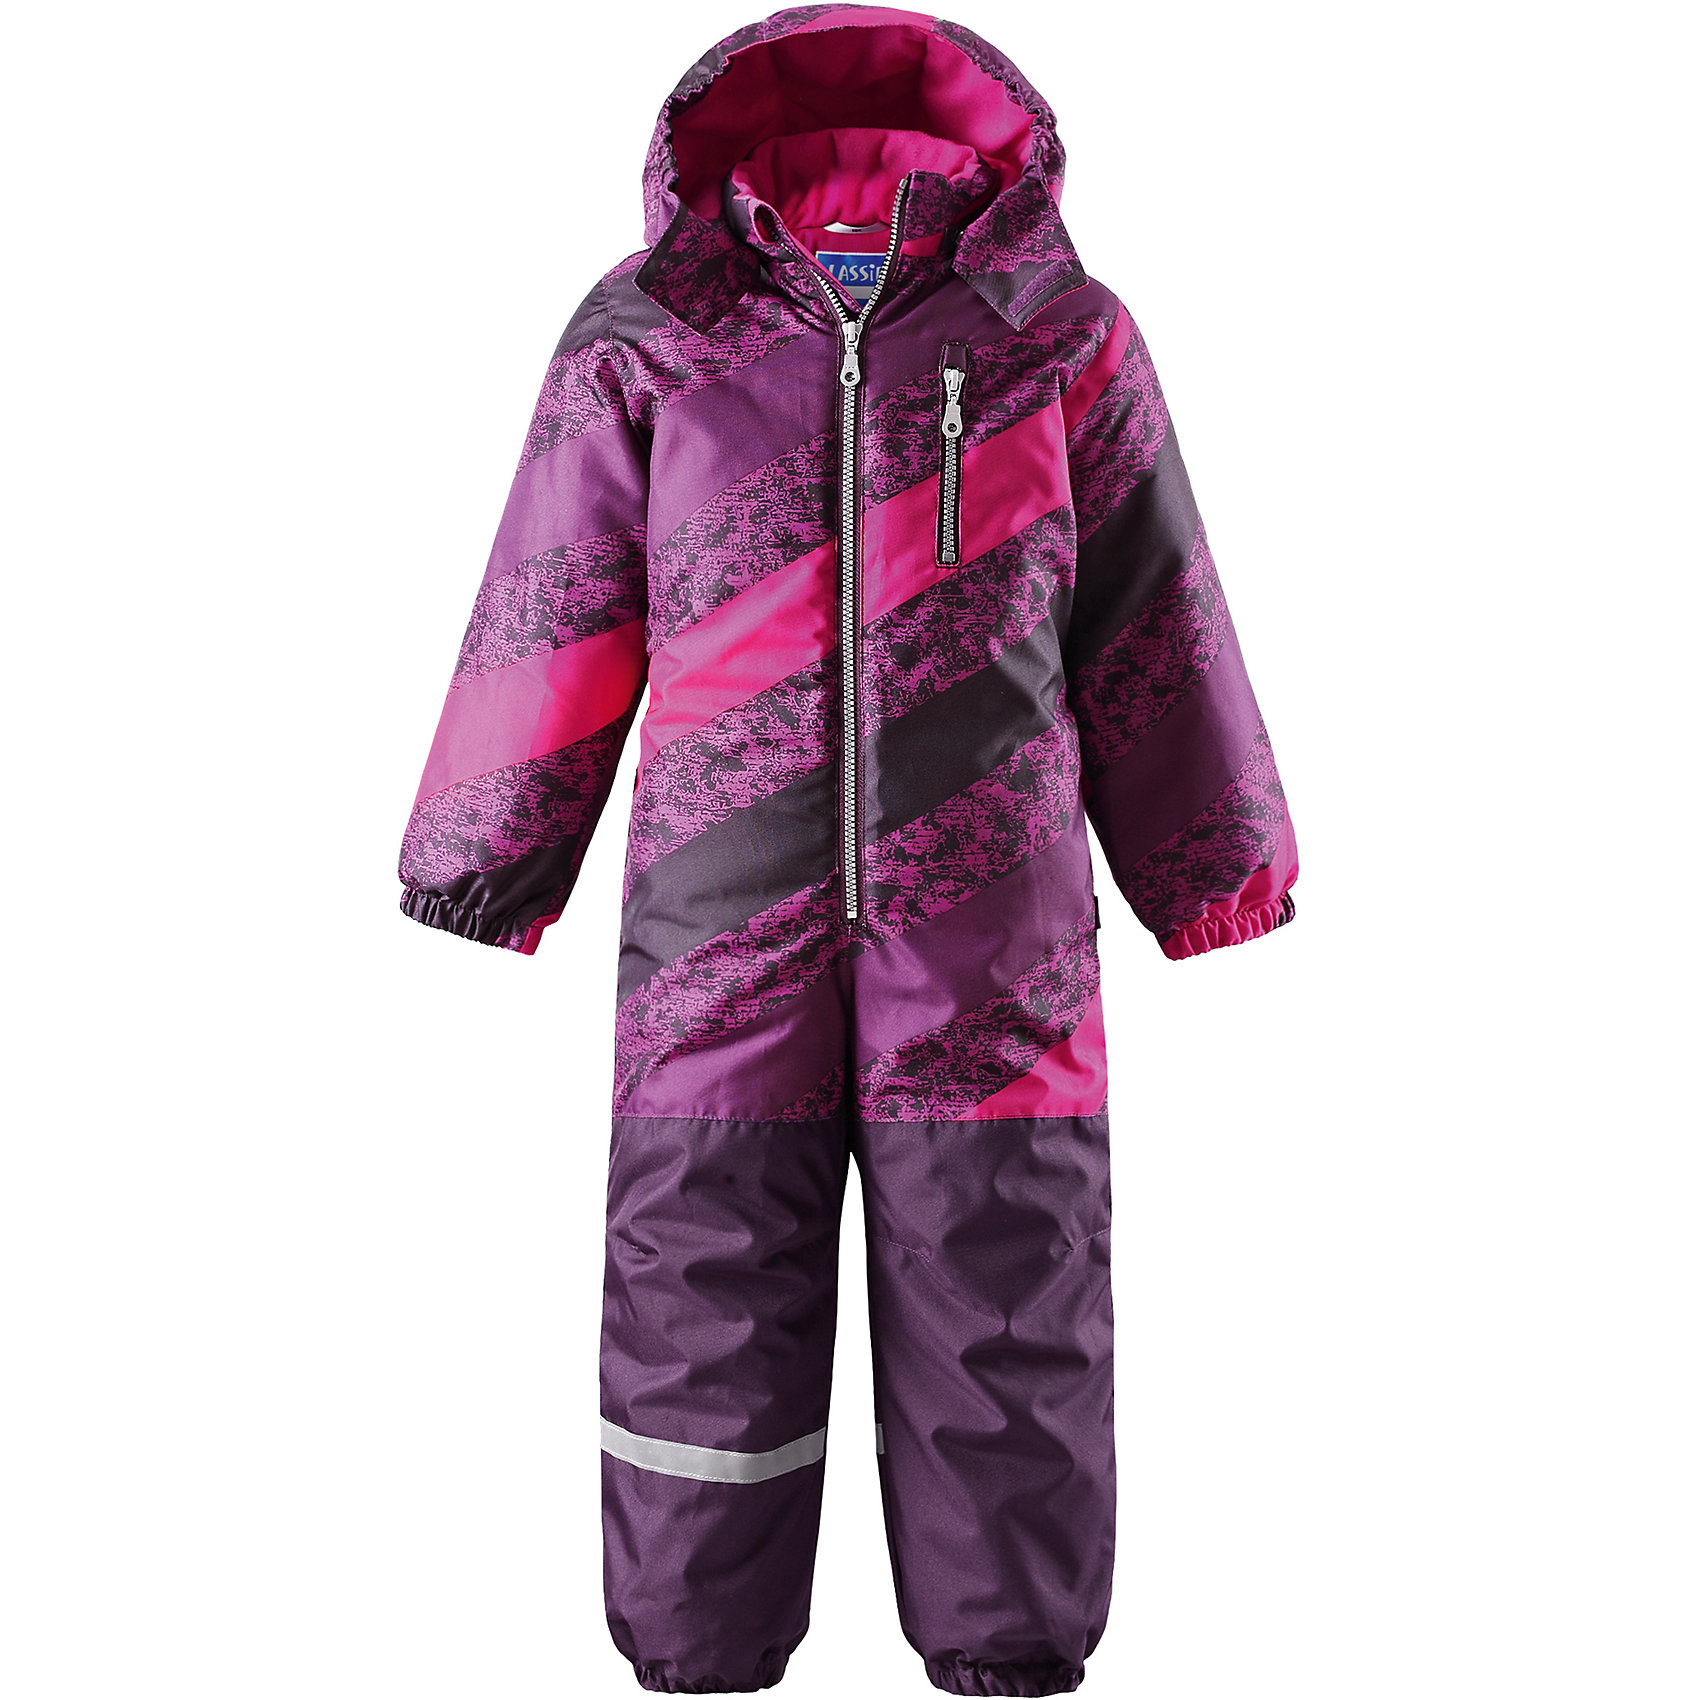 Комбинезон LASSIEОдежда<br>Зимний комбинезон для детей известной финской марки.<br><br>- Прочный материал. Водоотталкивающий, ветронепроницаемый, «дышащий» и грязеотталкивающий материал.<br>-  Задний серединный шов проклеен. Гладкая подкладка из полиэстра. <br>- Средняя степень утепления. <br>- Безопасный, съемный капюшон. Эластичные манжеты. Эластичные штанины.<br>-  Съемные эластичные штрипки. Нагрудный карман на молнии. <br>- Принт по всей поверхности.  <br><br>Рекомендации по уходу: Стирать по отдельности, вывернув наизнанку. Застегнуть молнии и липучки. Соблюдать температуру в соответствии с руководством по уходу. Стирать моющим средством, не содержащим отбеливающие вещества. Полоскать без специального средства. Сушение в сушильном шкафу разрешено при  низкой температуре.<br><br>Состав: 100% Полиамид, полиуретановое покрытие.  Утеплитель «Lassie wadding» 180гр.<br><br>Ширина мм: 356<br>Глубина мм: 10<br>Высота мм: 245<br>Вес г: 519<br>Цвет: лиловый<br>Возраст от месяцев: 12<br>Возраст до месяцев: 15<br>Пол: Женский<br>Возраст: Детский<br>Размер: 80,128,86,92,98,104,110,116,122<br>SKU: 4781958